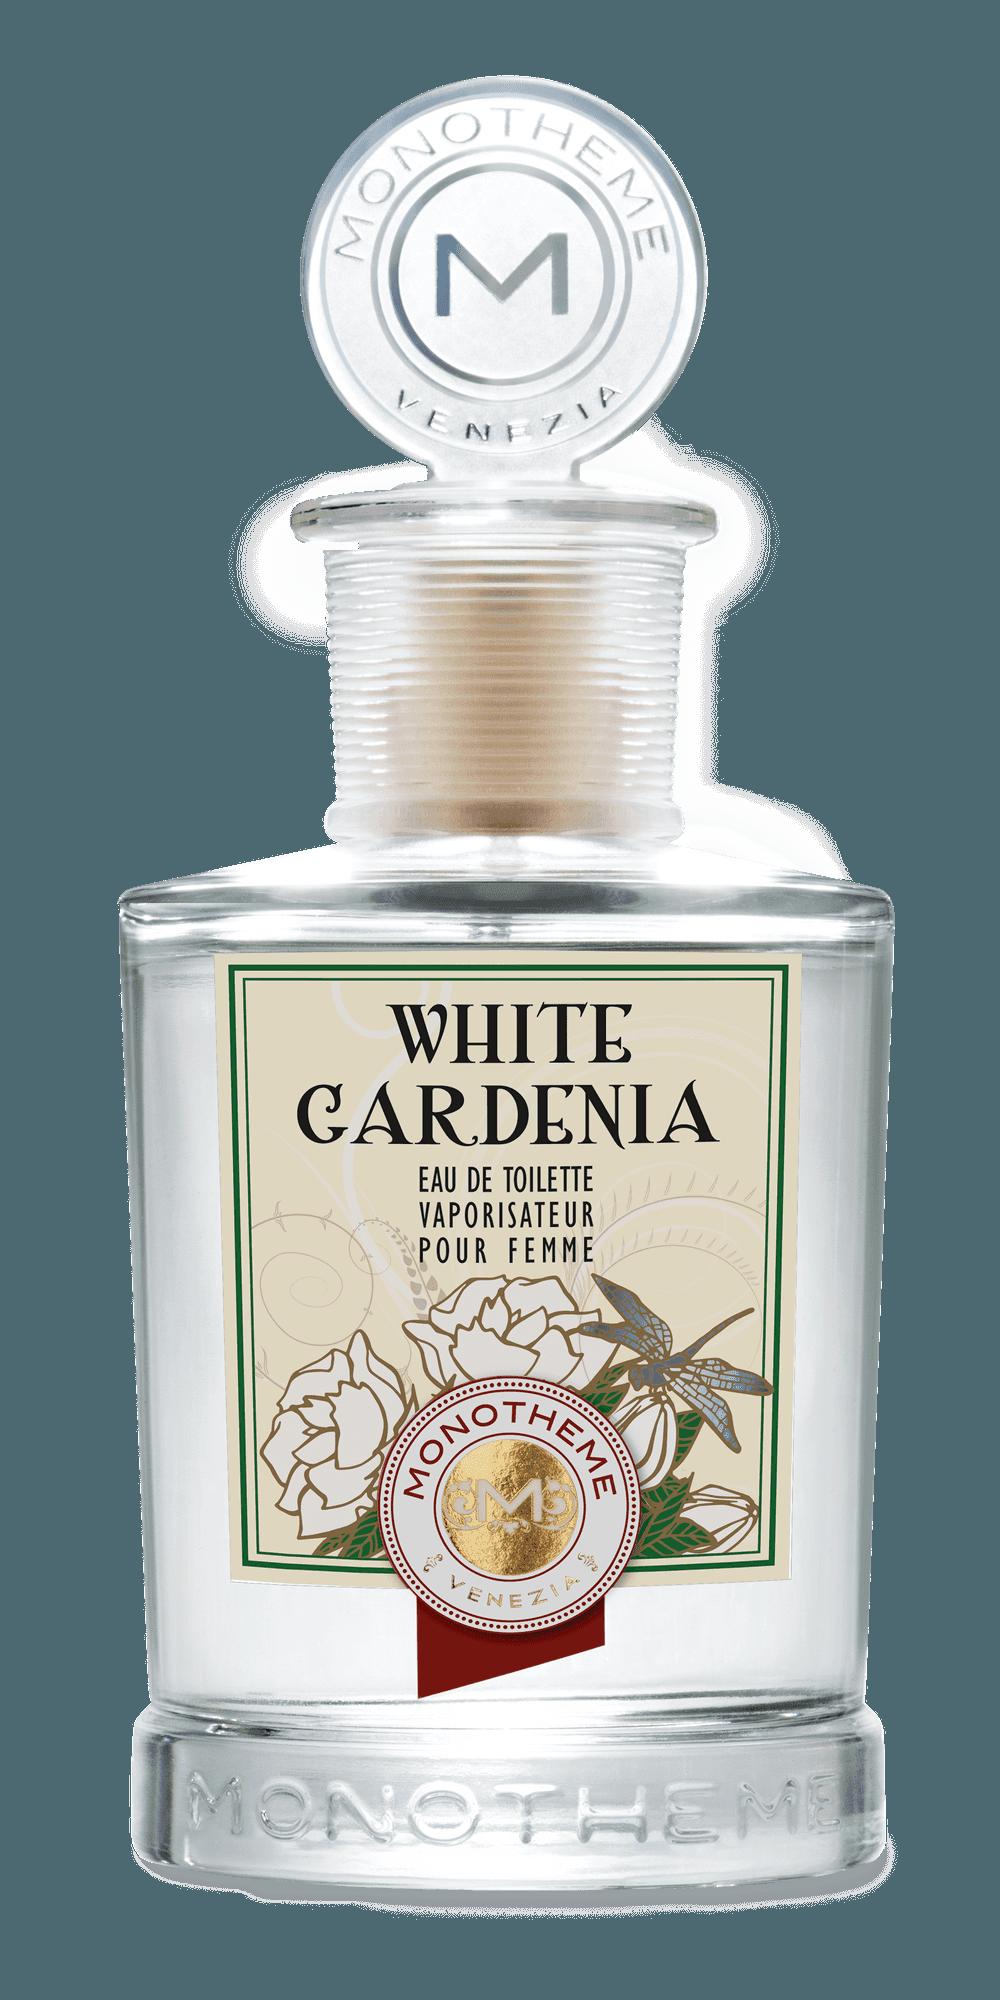 MONOTHEME WHITE GARDENIA EDT 100ML